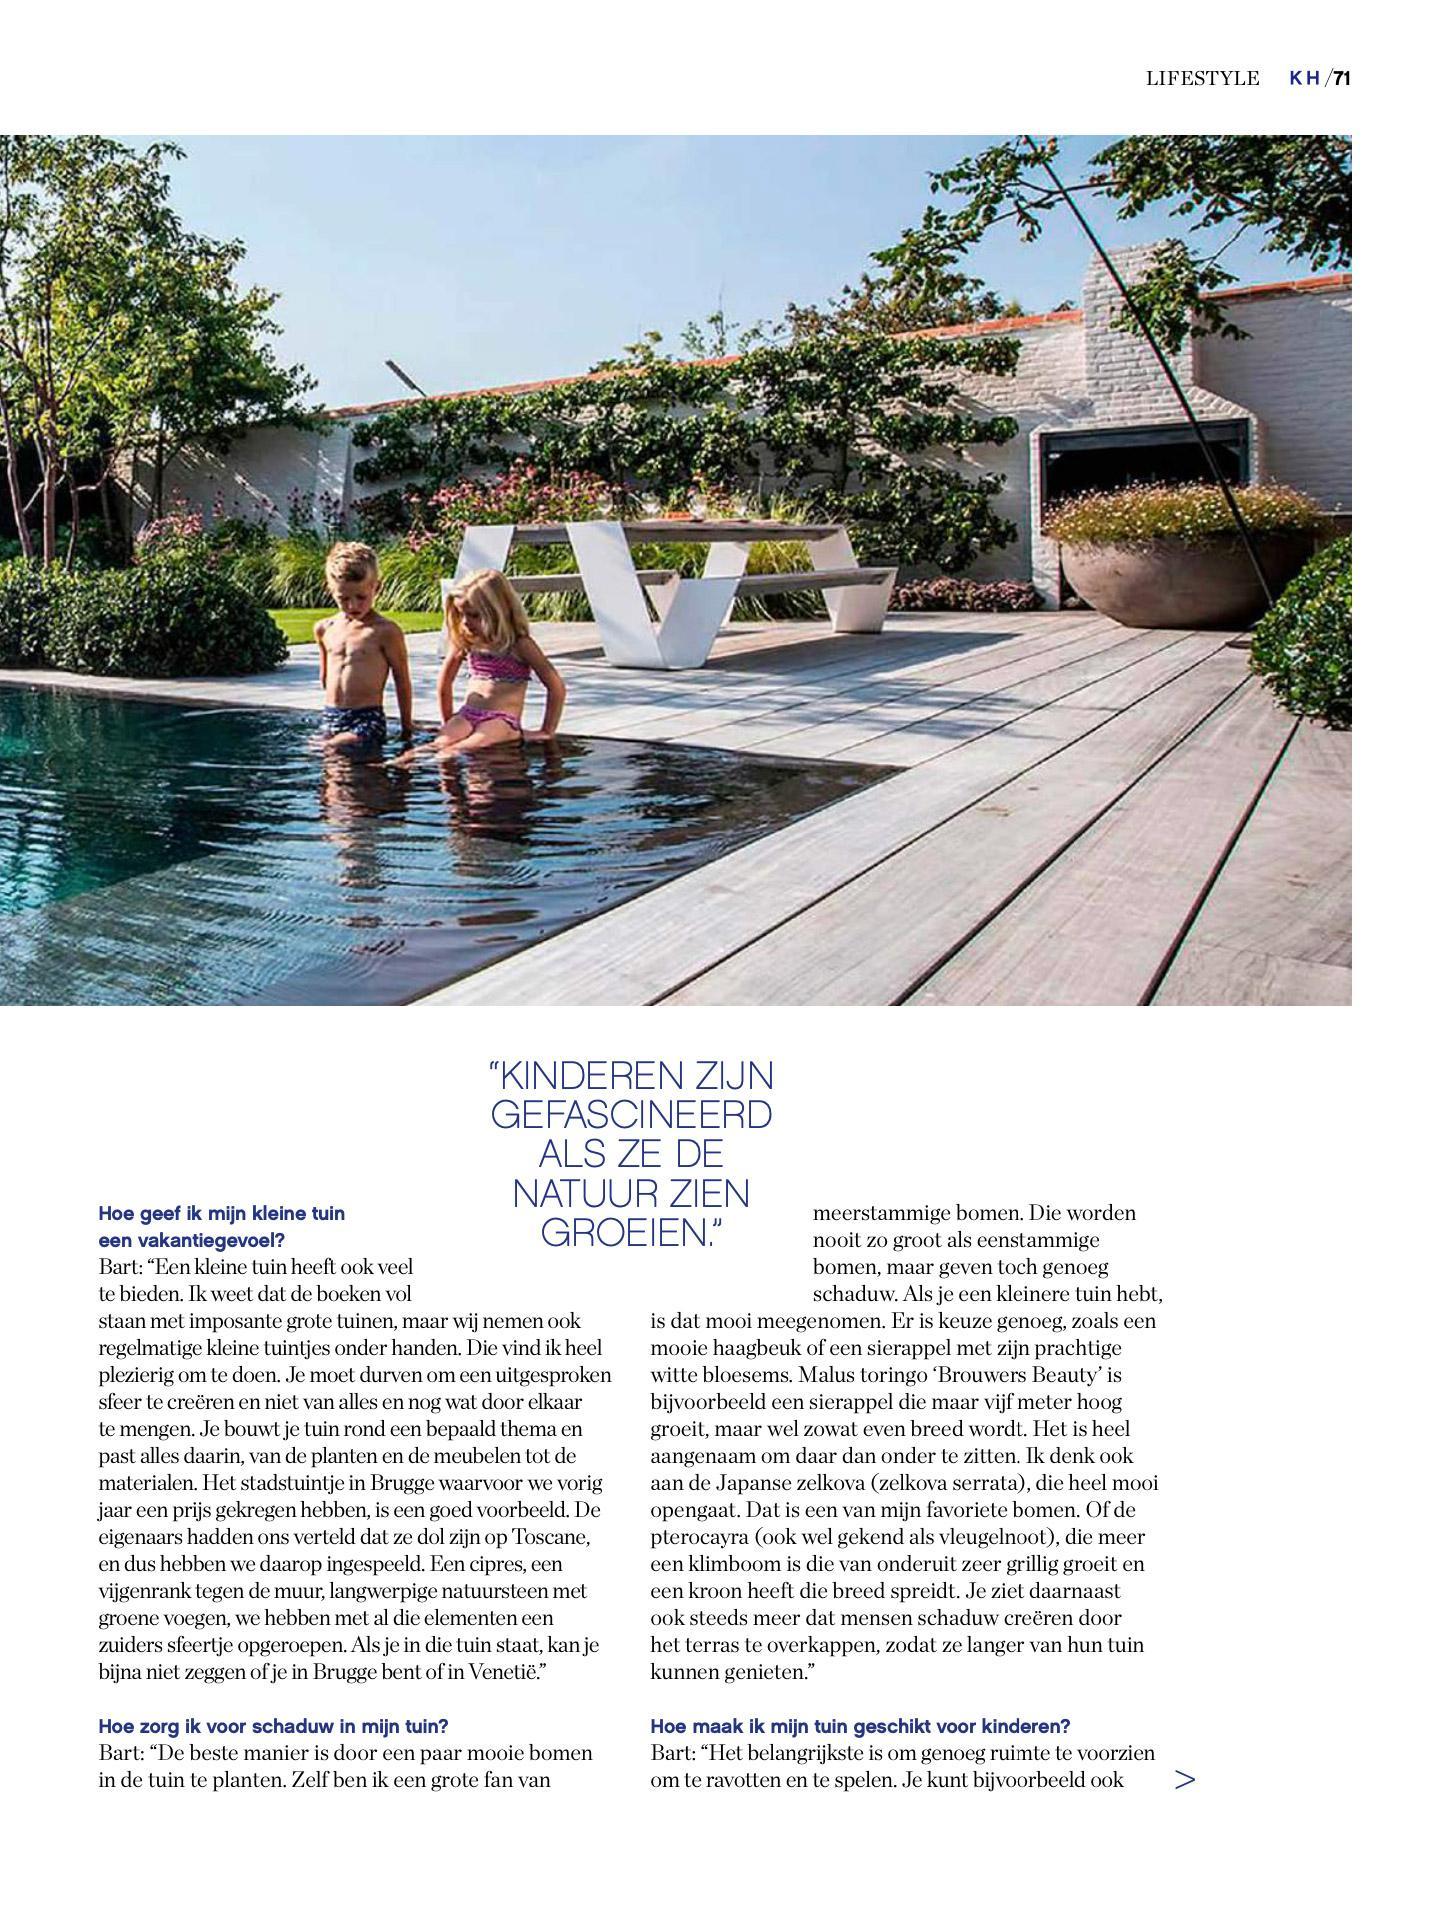 Afbeelding nieuwsitem KH – Vakantie in je eigen tuin